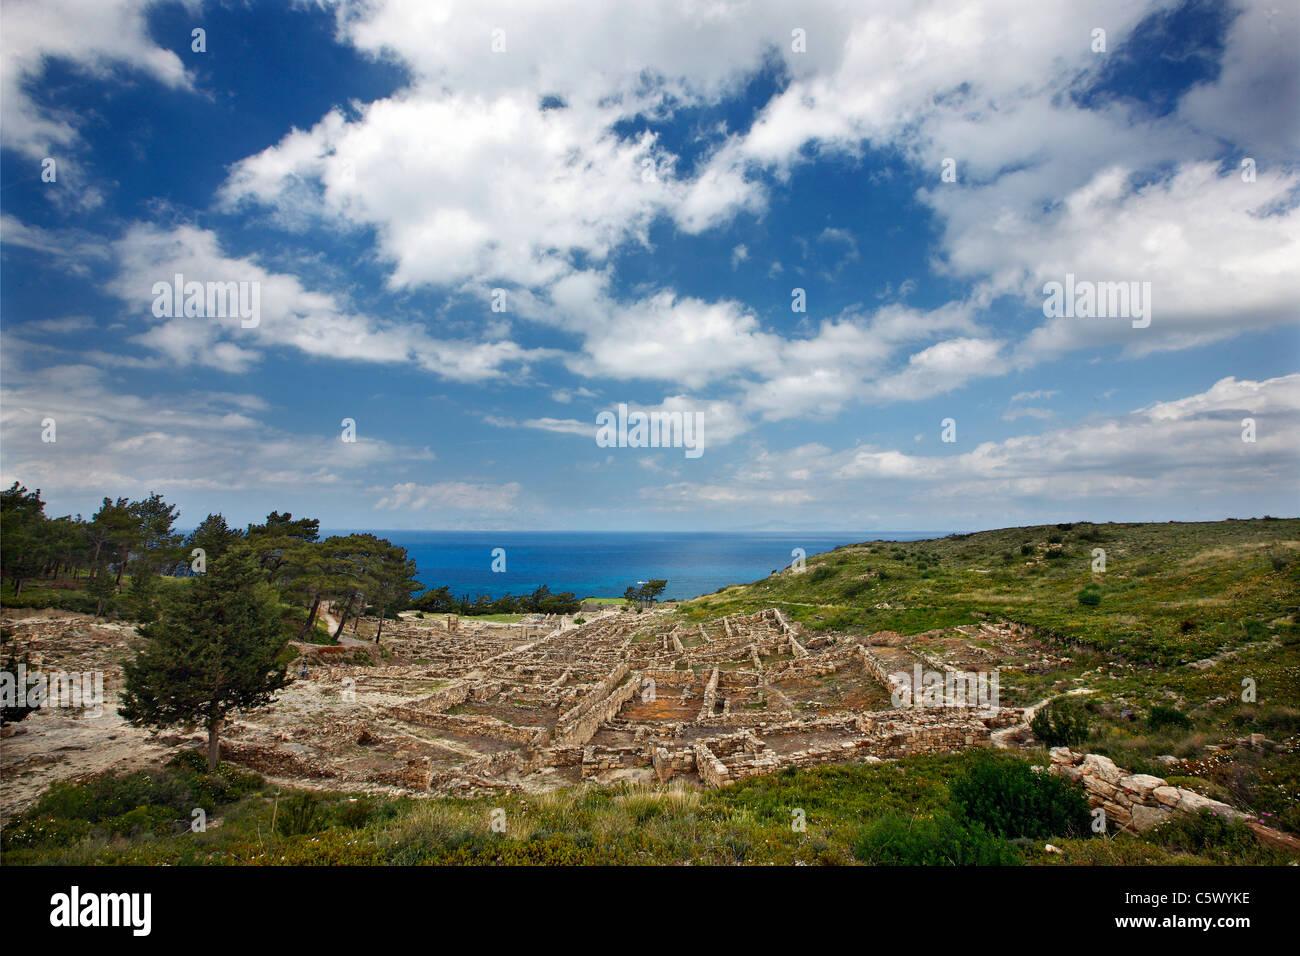 Vista del sitio arqueológico de la antigua Kameiros, uno de los 3 principales ciudades antiguas de la isla Imagen De Stock